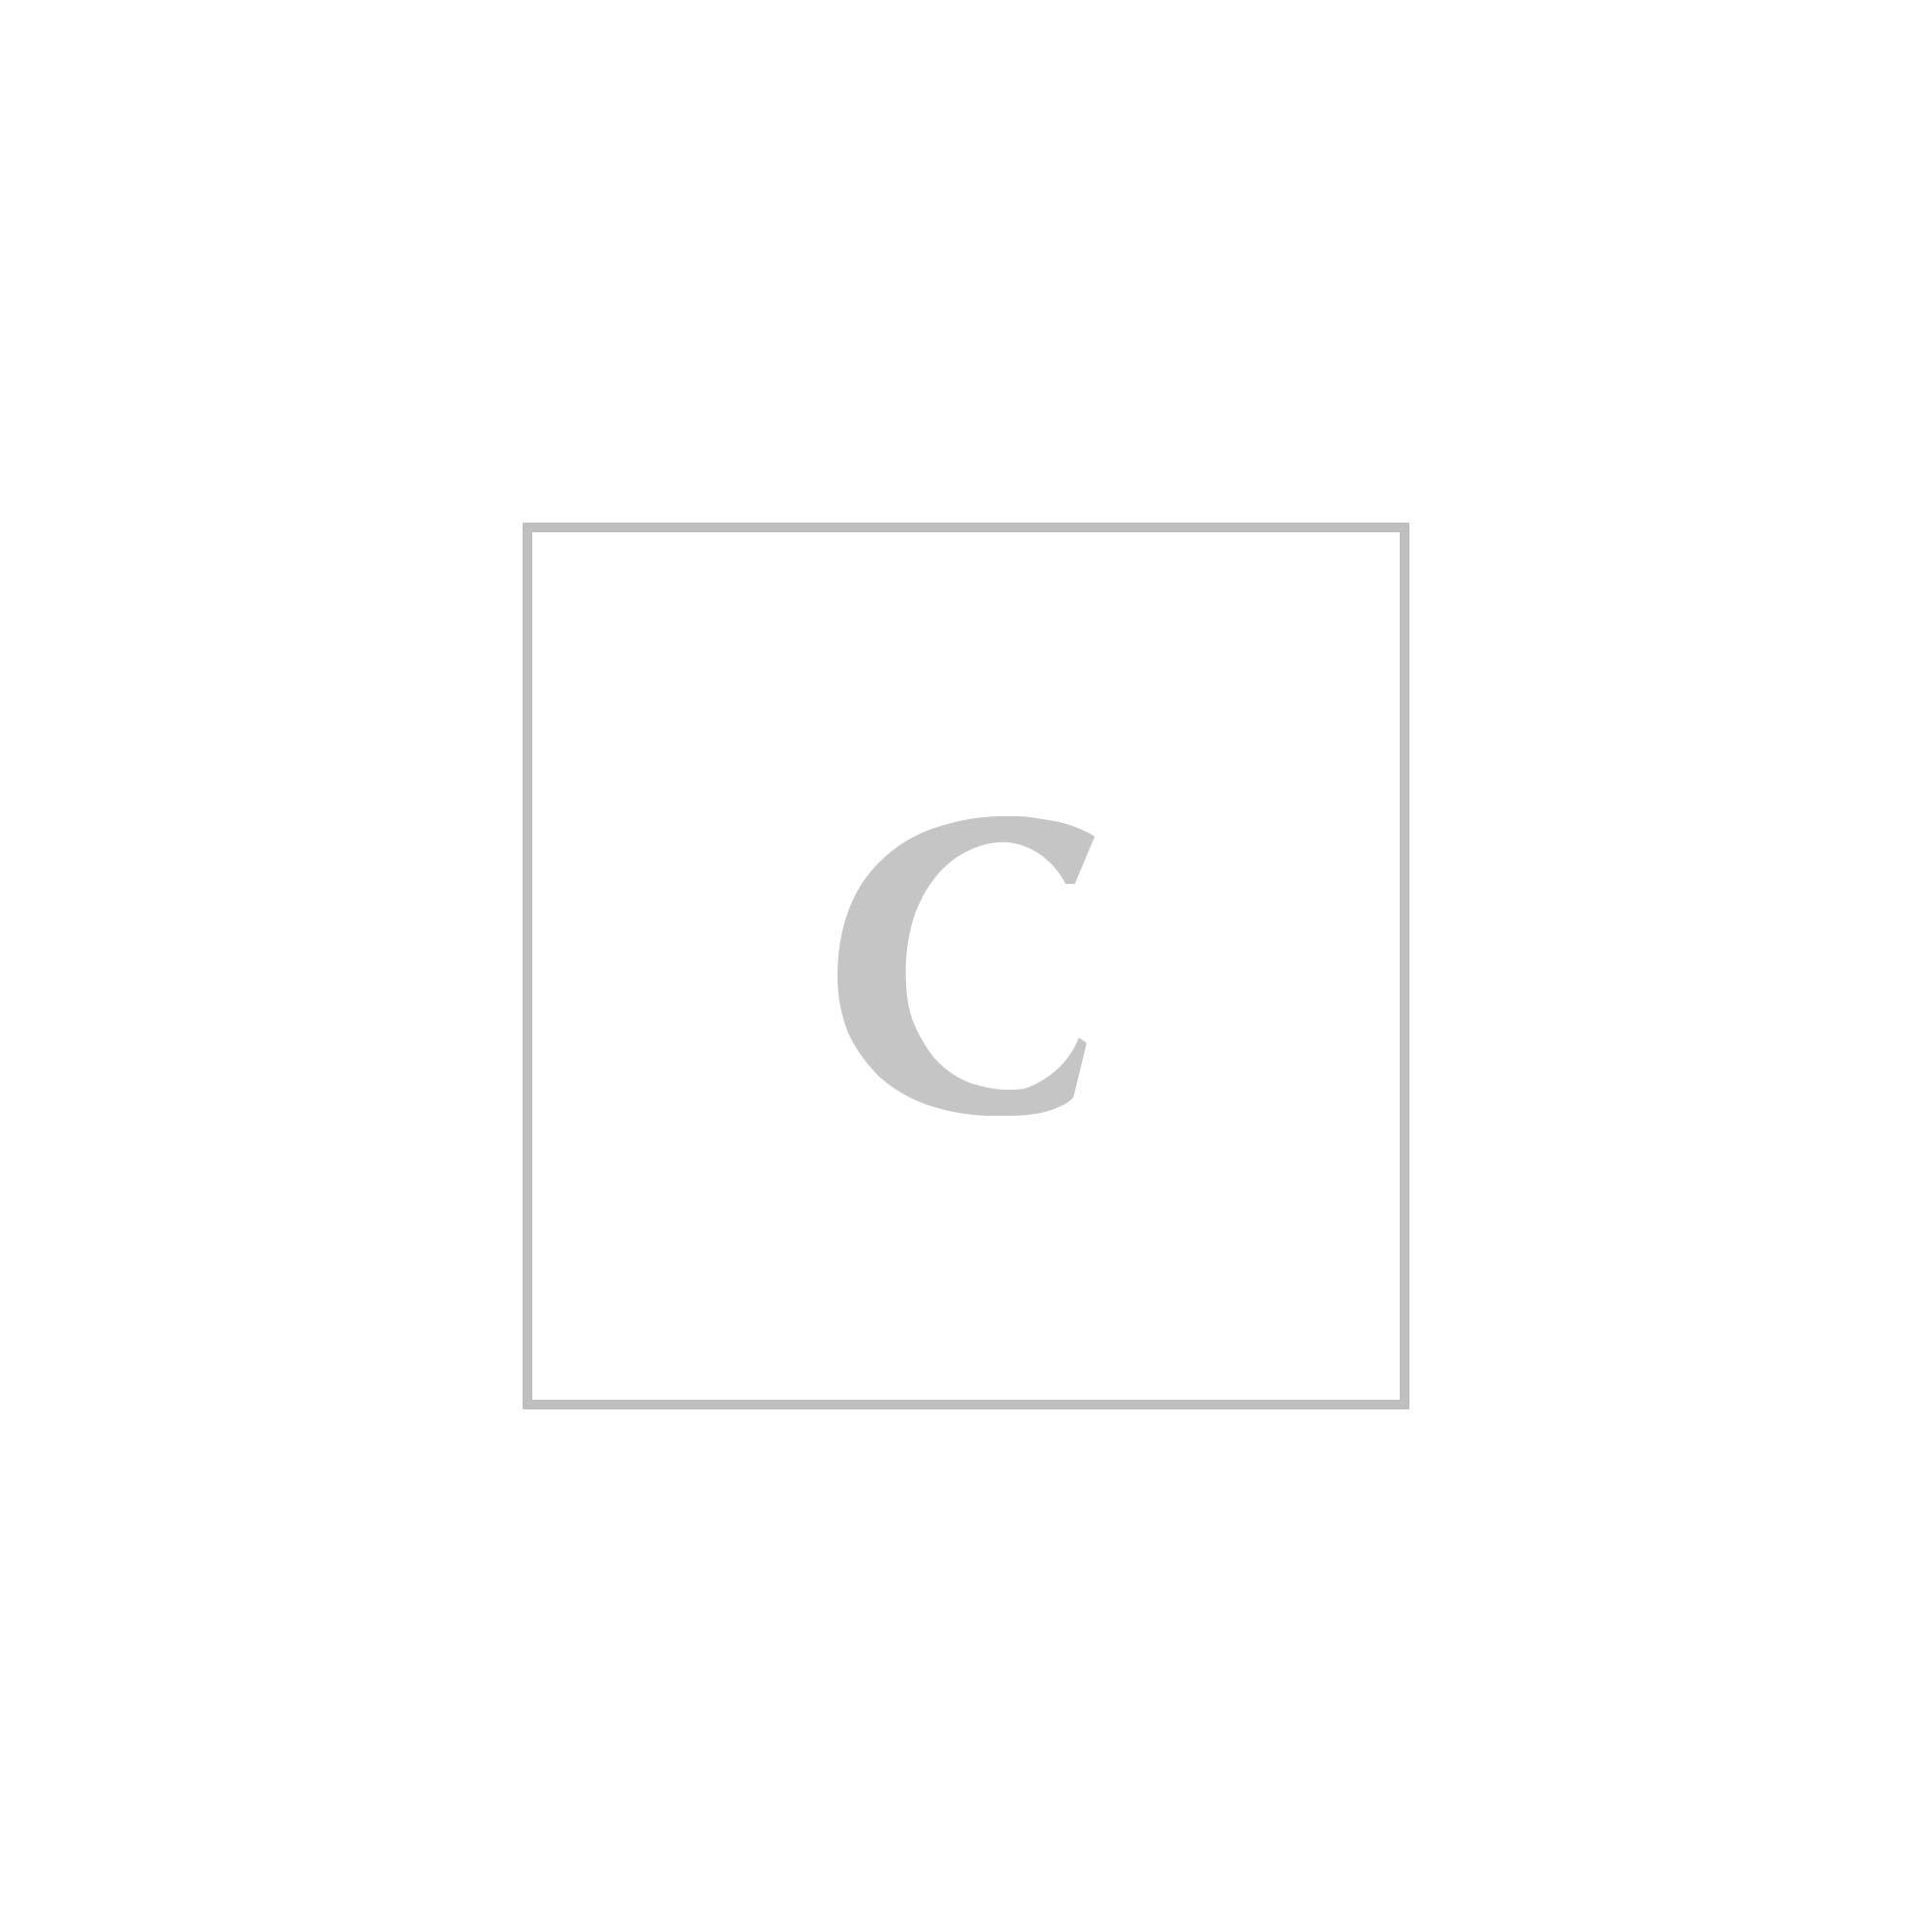 Saint laurent ysl monogram small grain bag